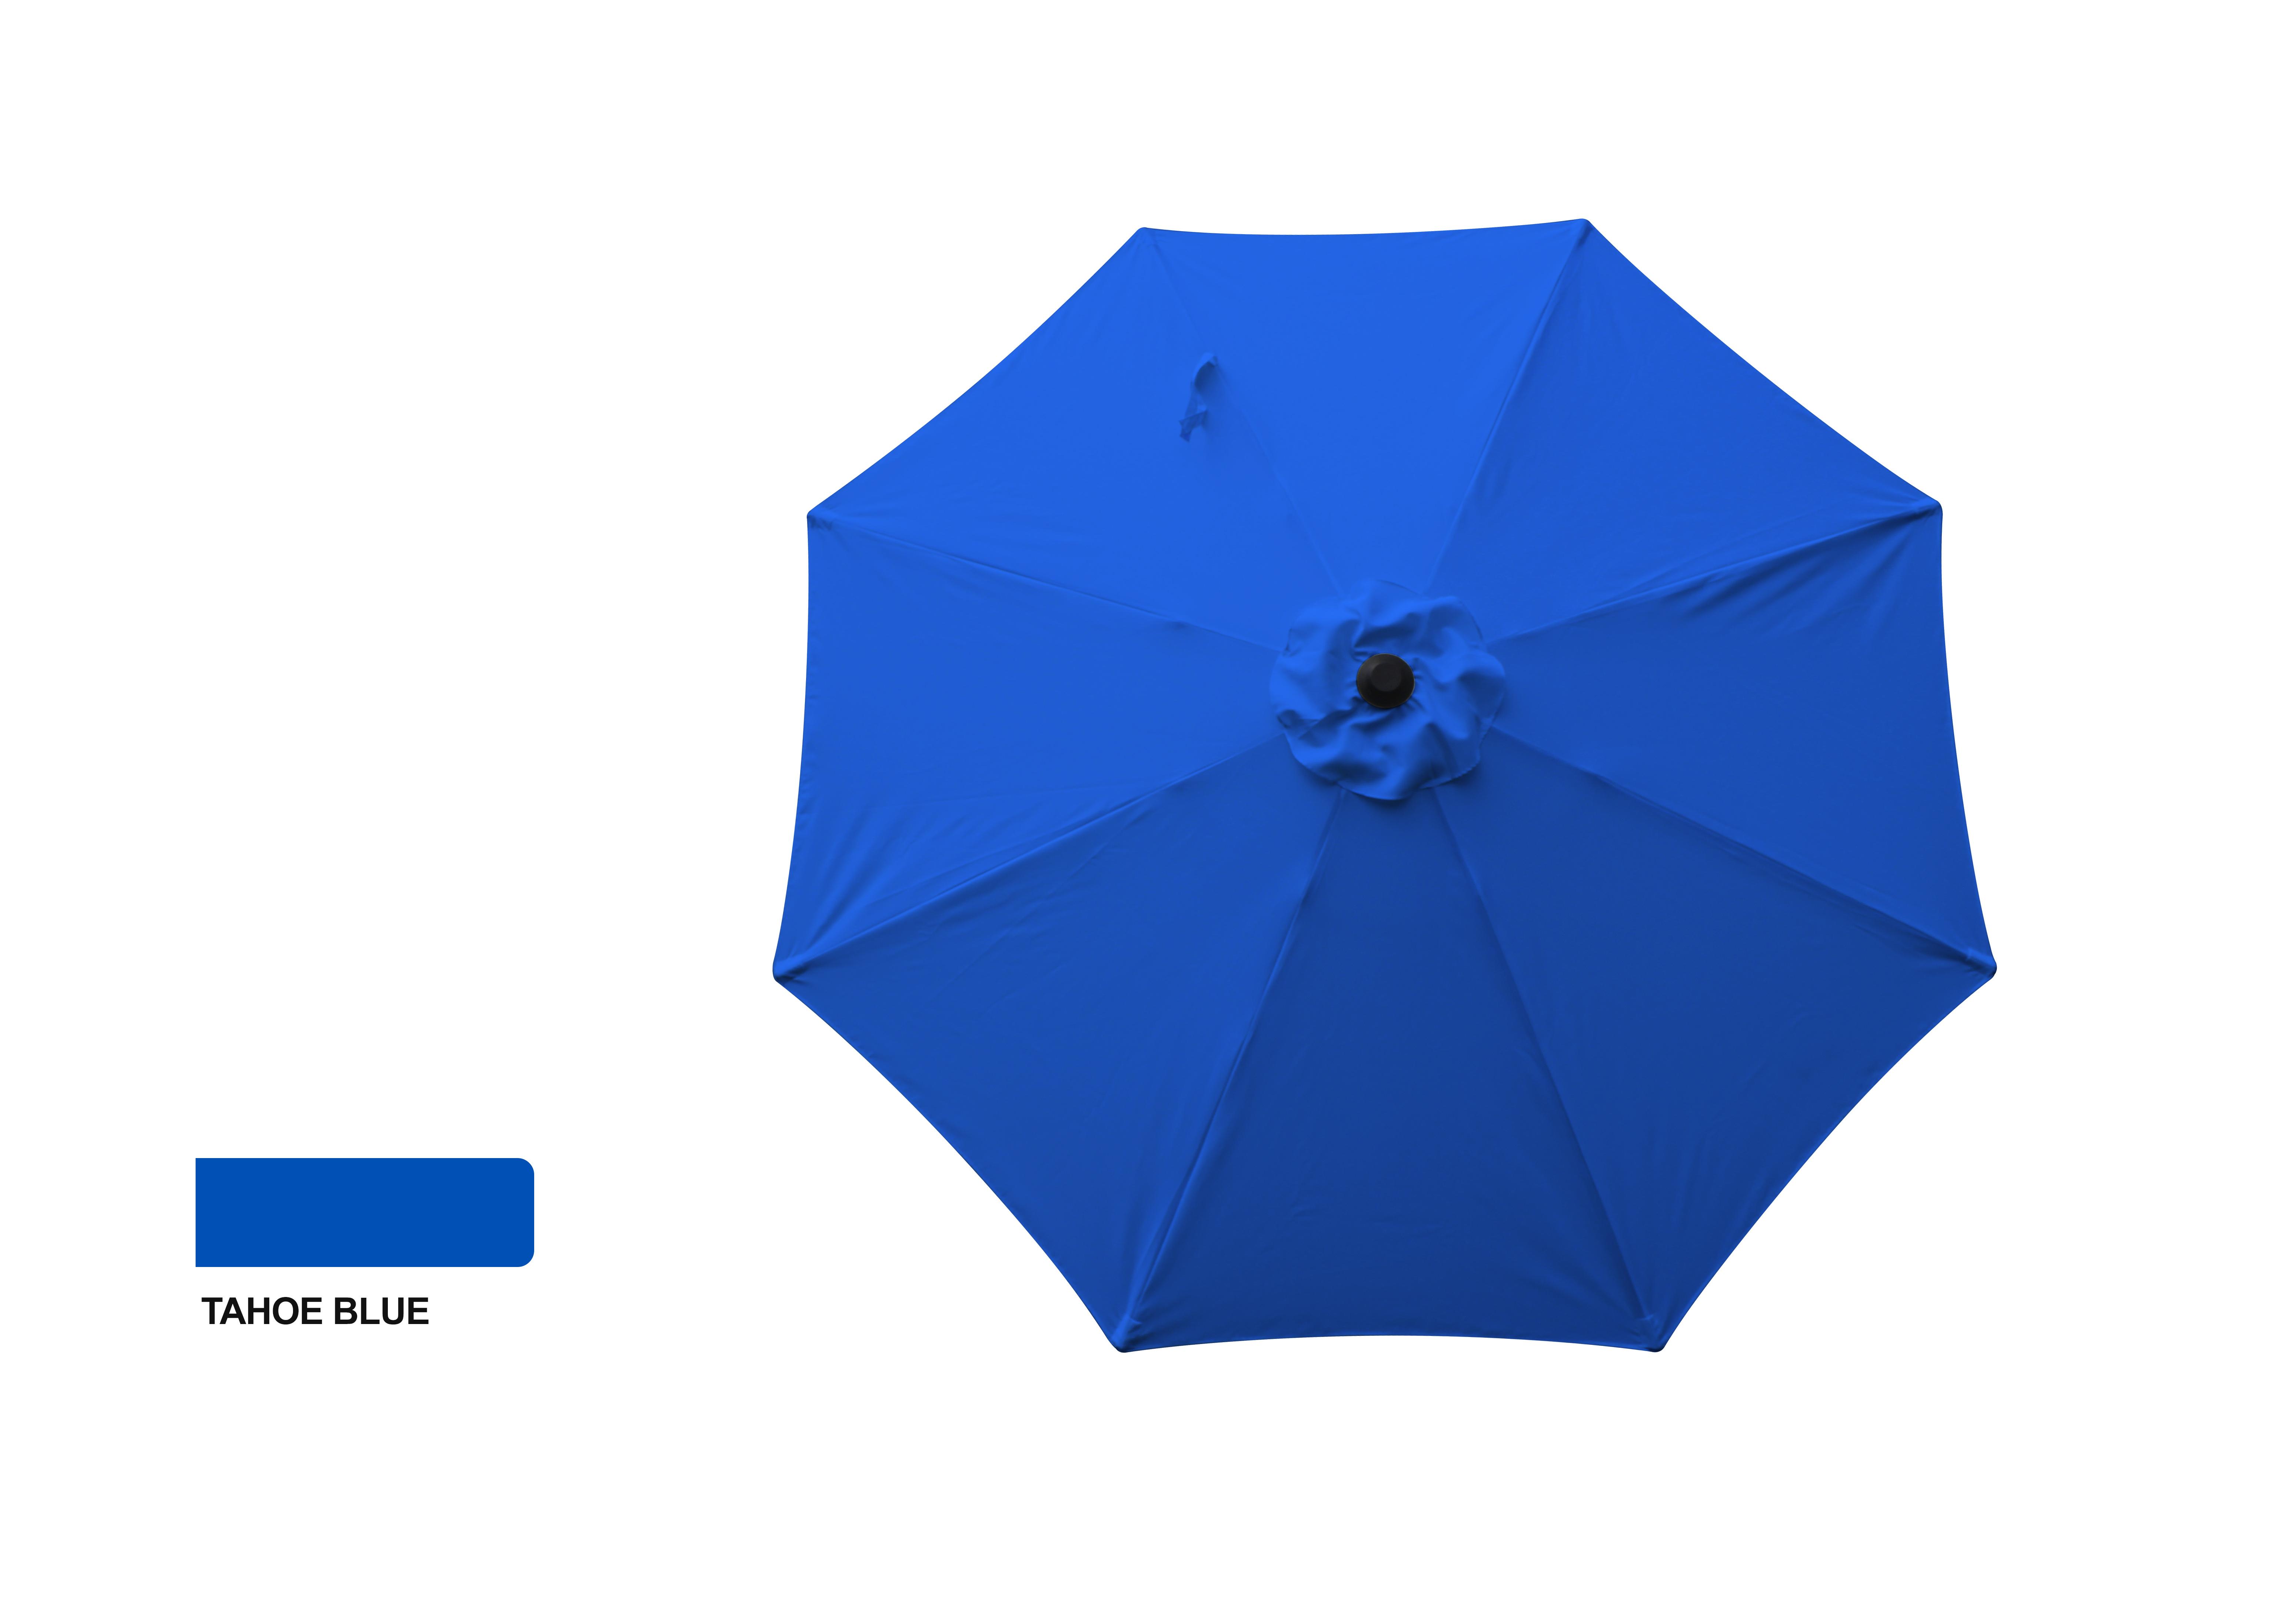 9' Aluminum Market Umbrella - Tahoe Blue